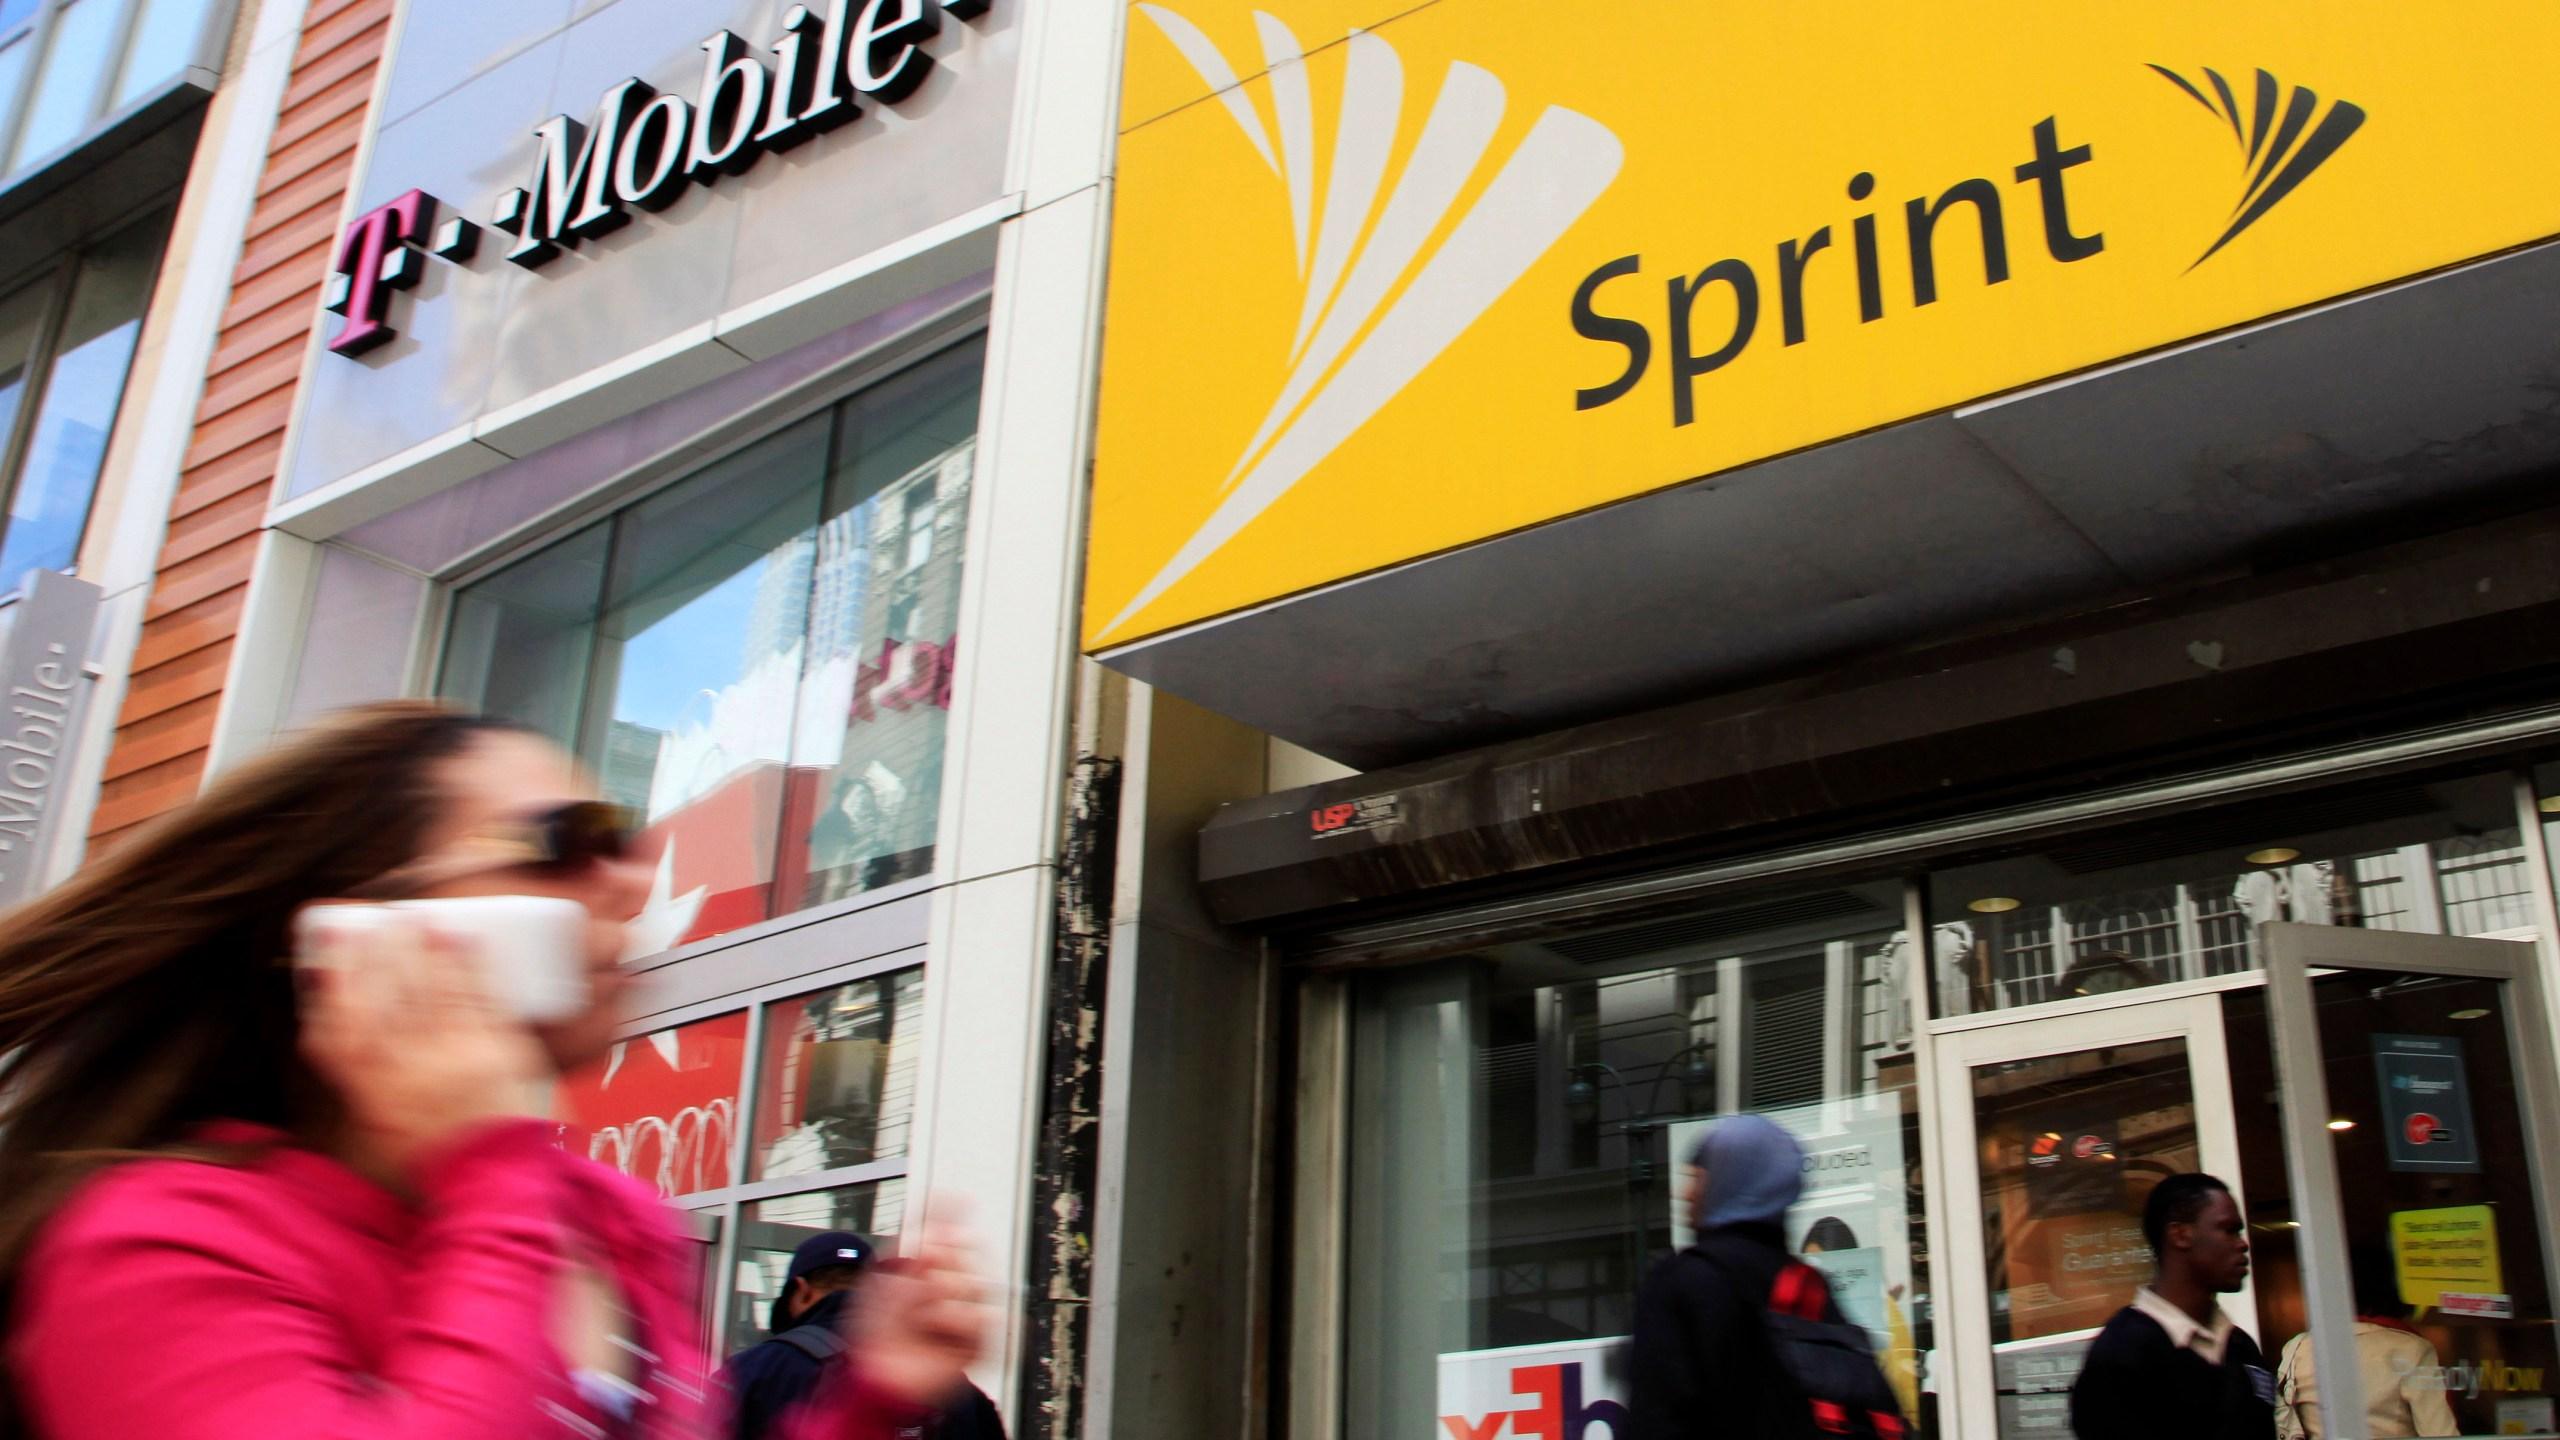 Sprint_T-Mobile_Deal_90610-159532.jpg78438707